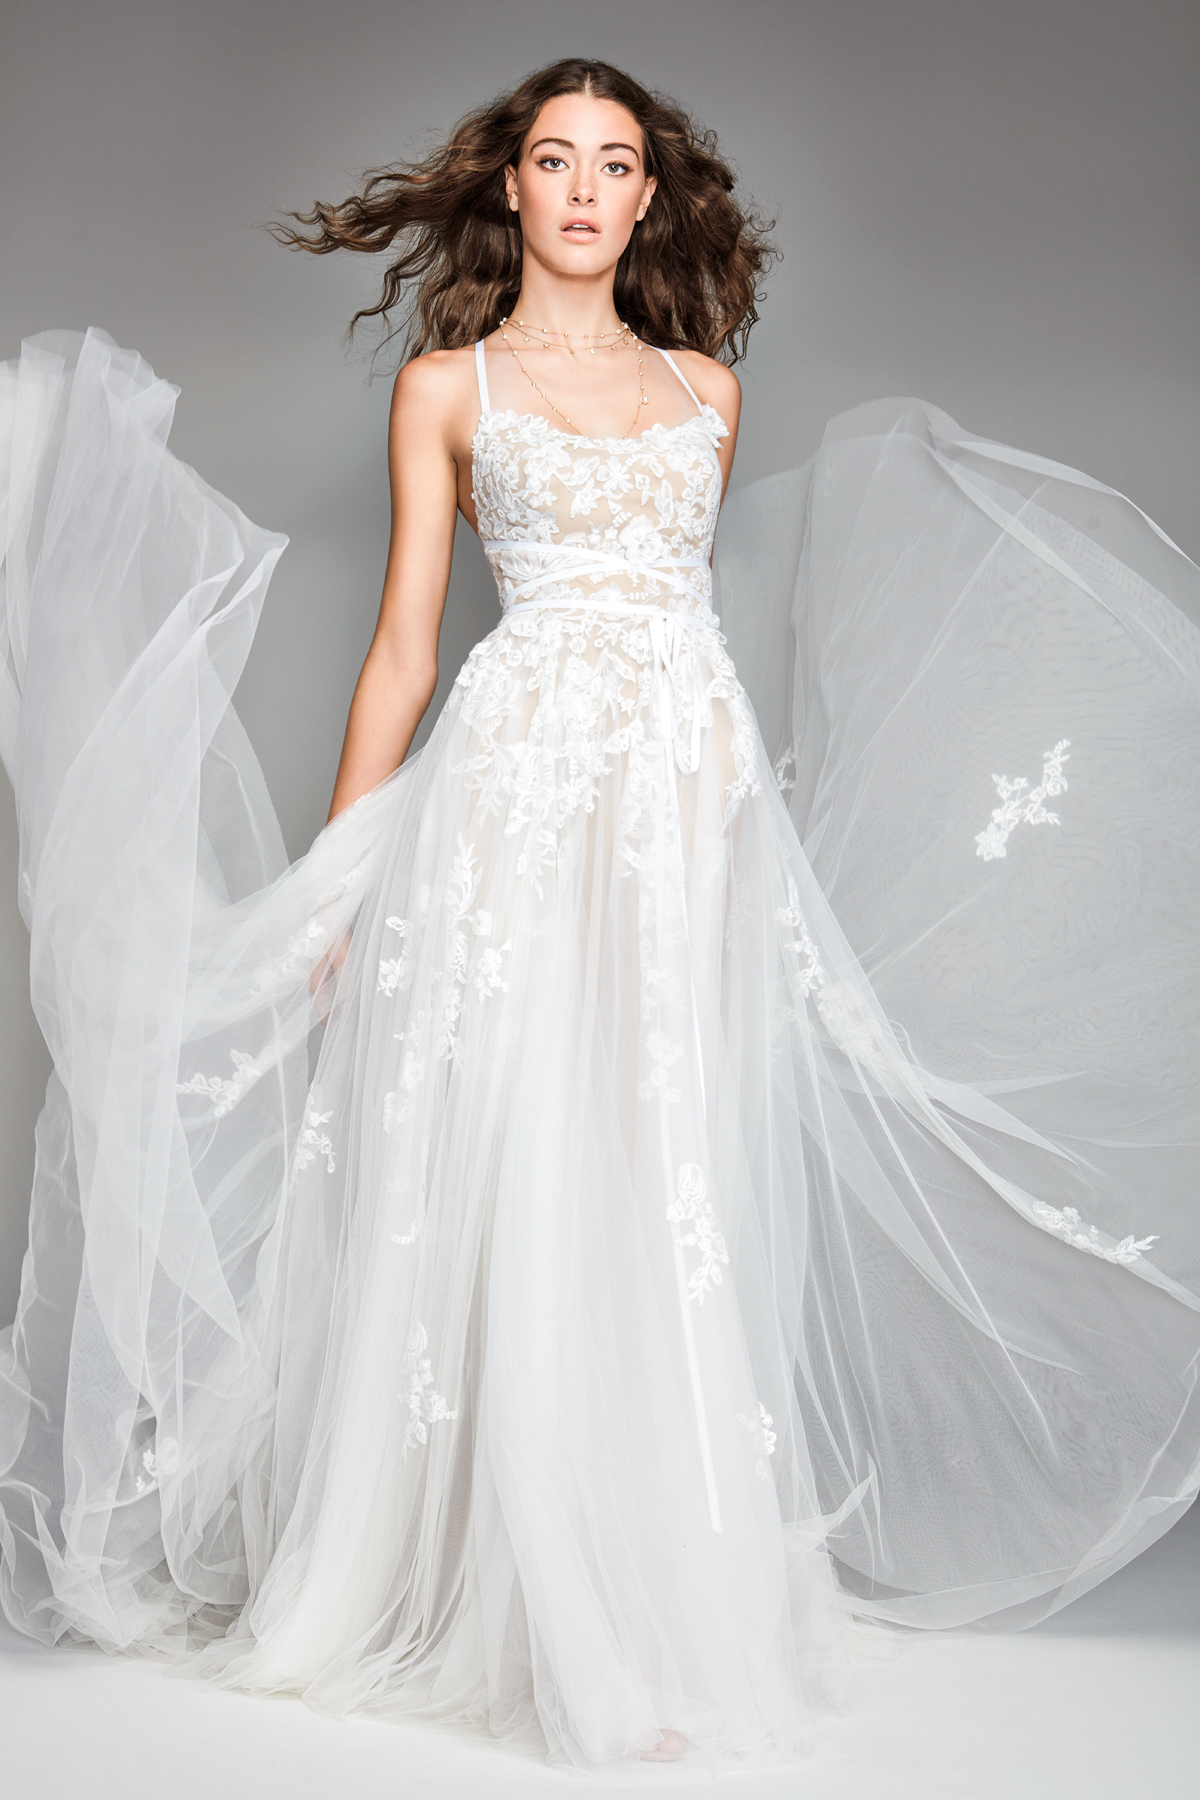 willowby by watters 2018 lace chiffon spaghetti strap wedding dress